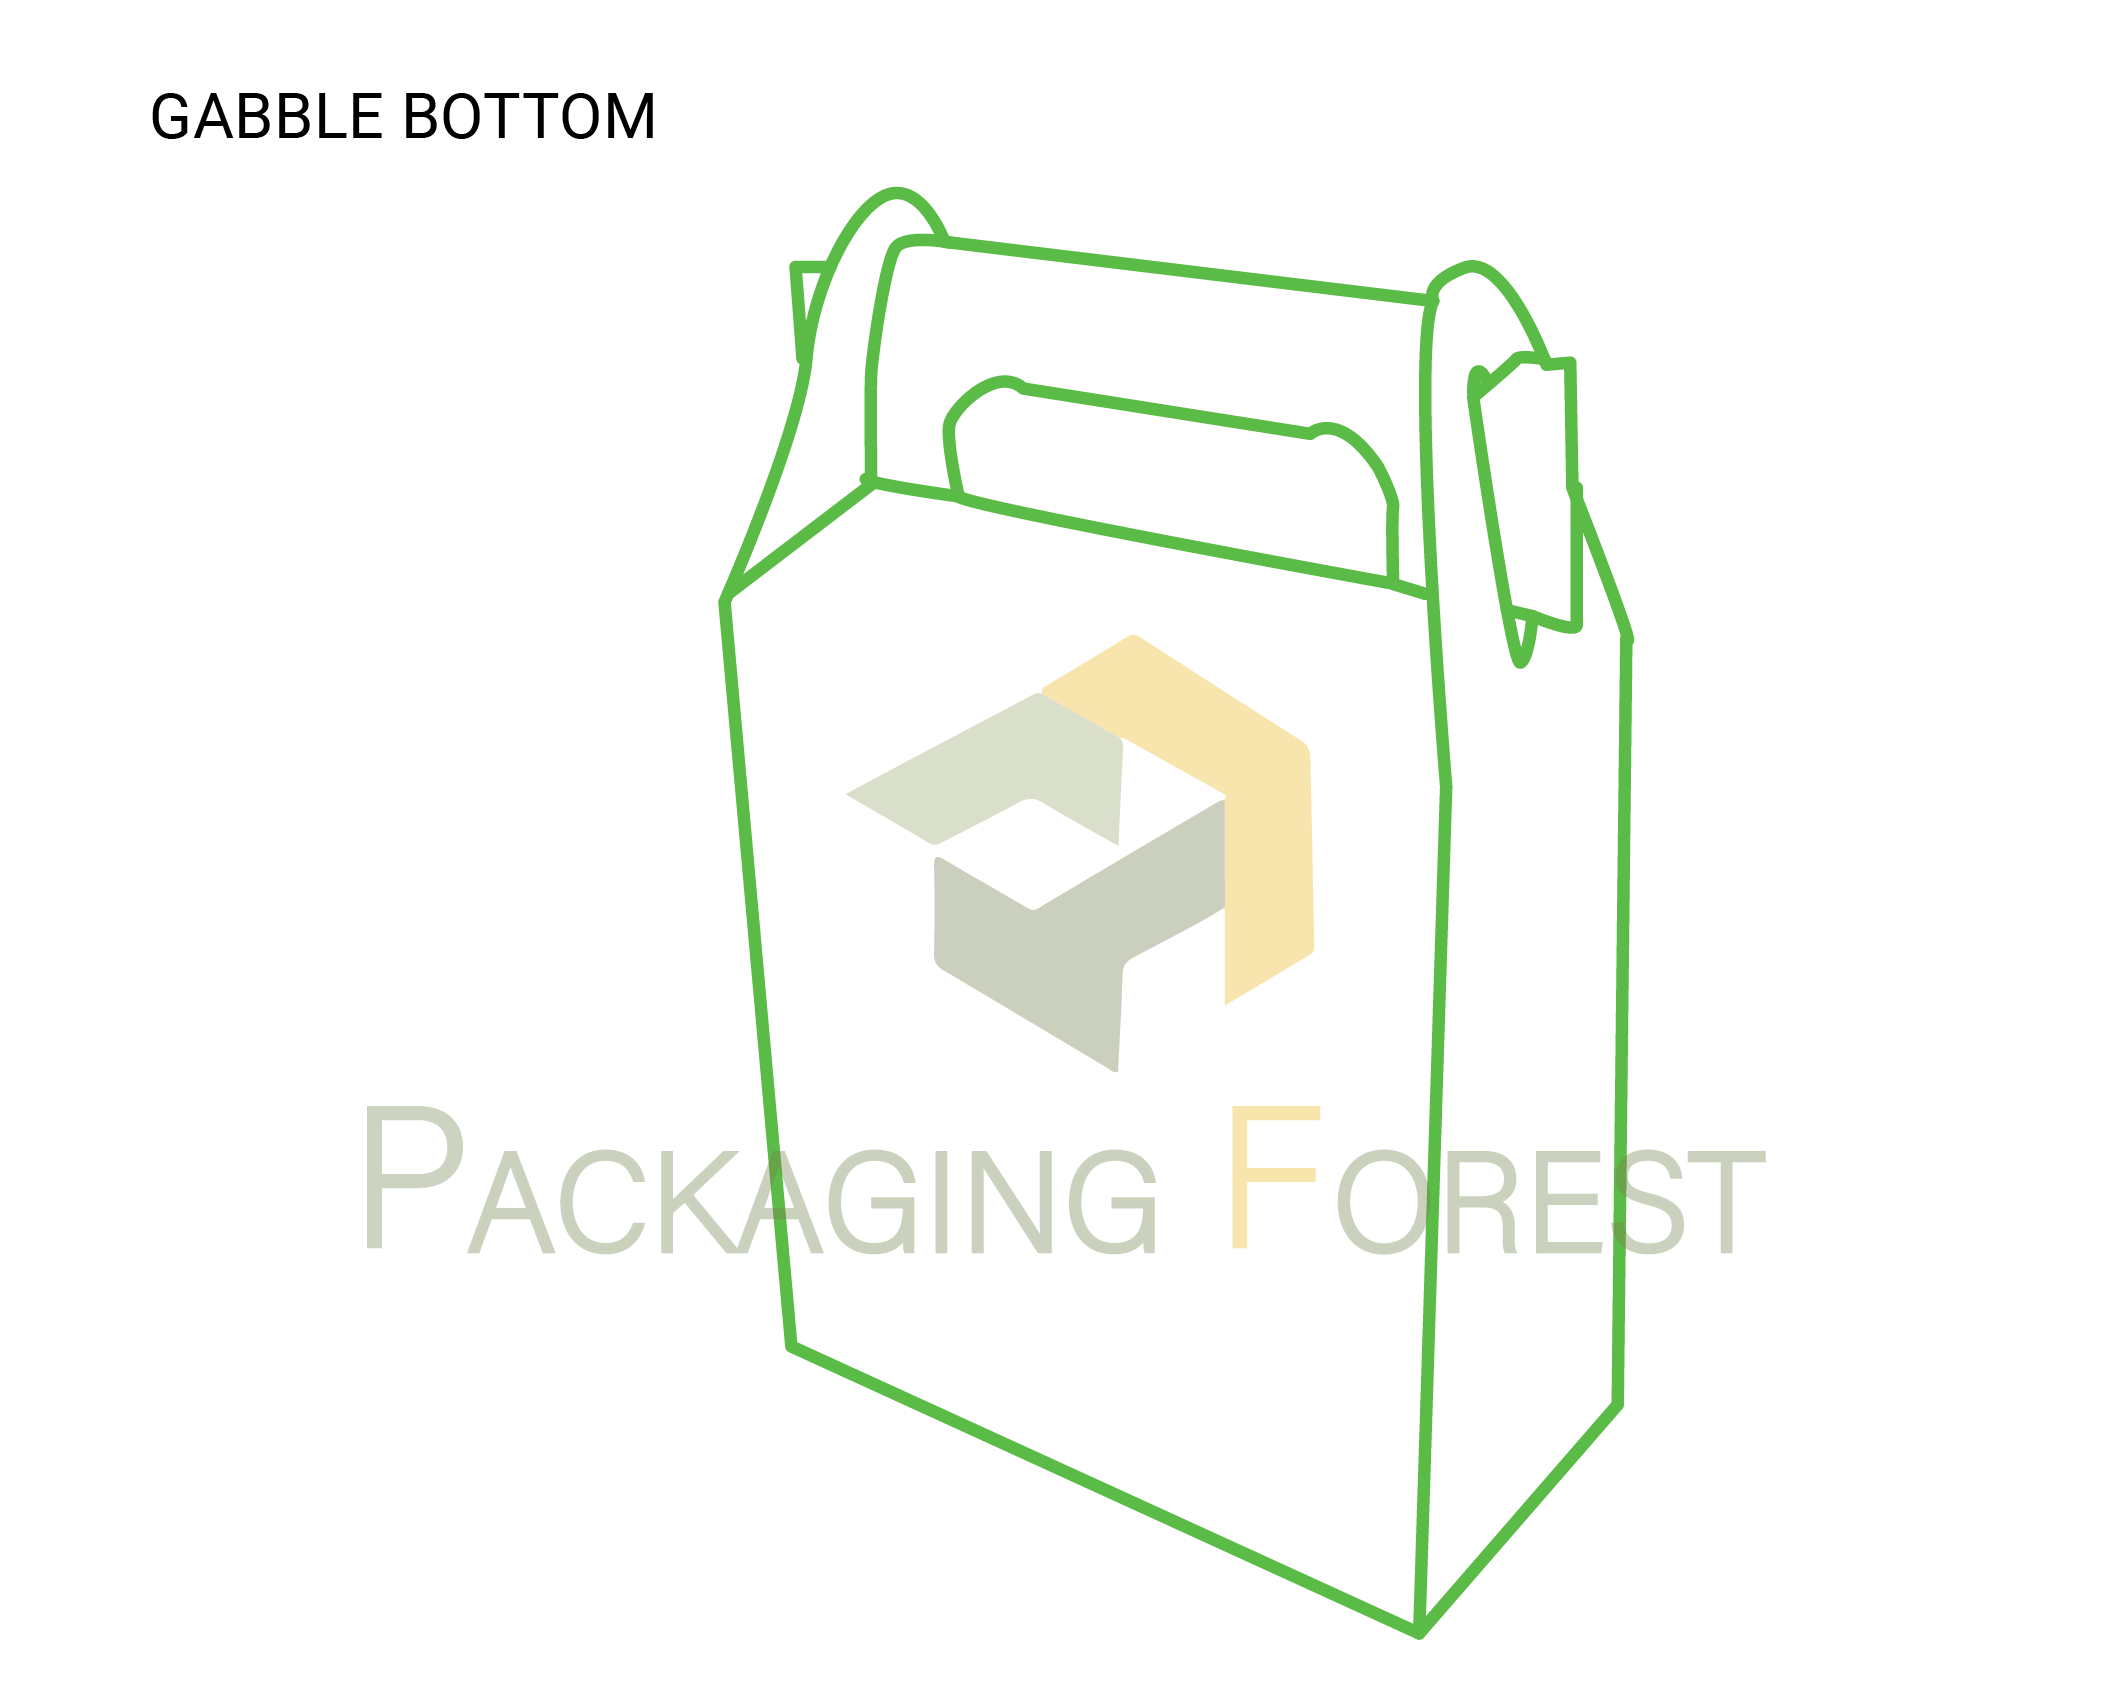 Custom Gable Bottom Packaging Box Template